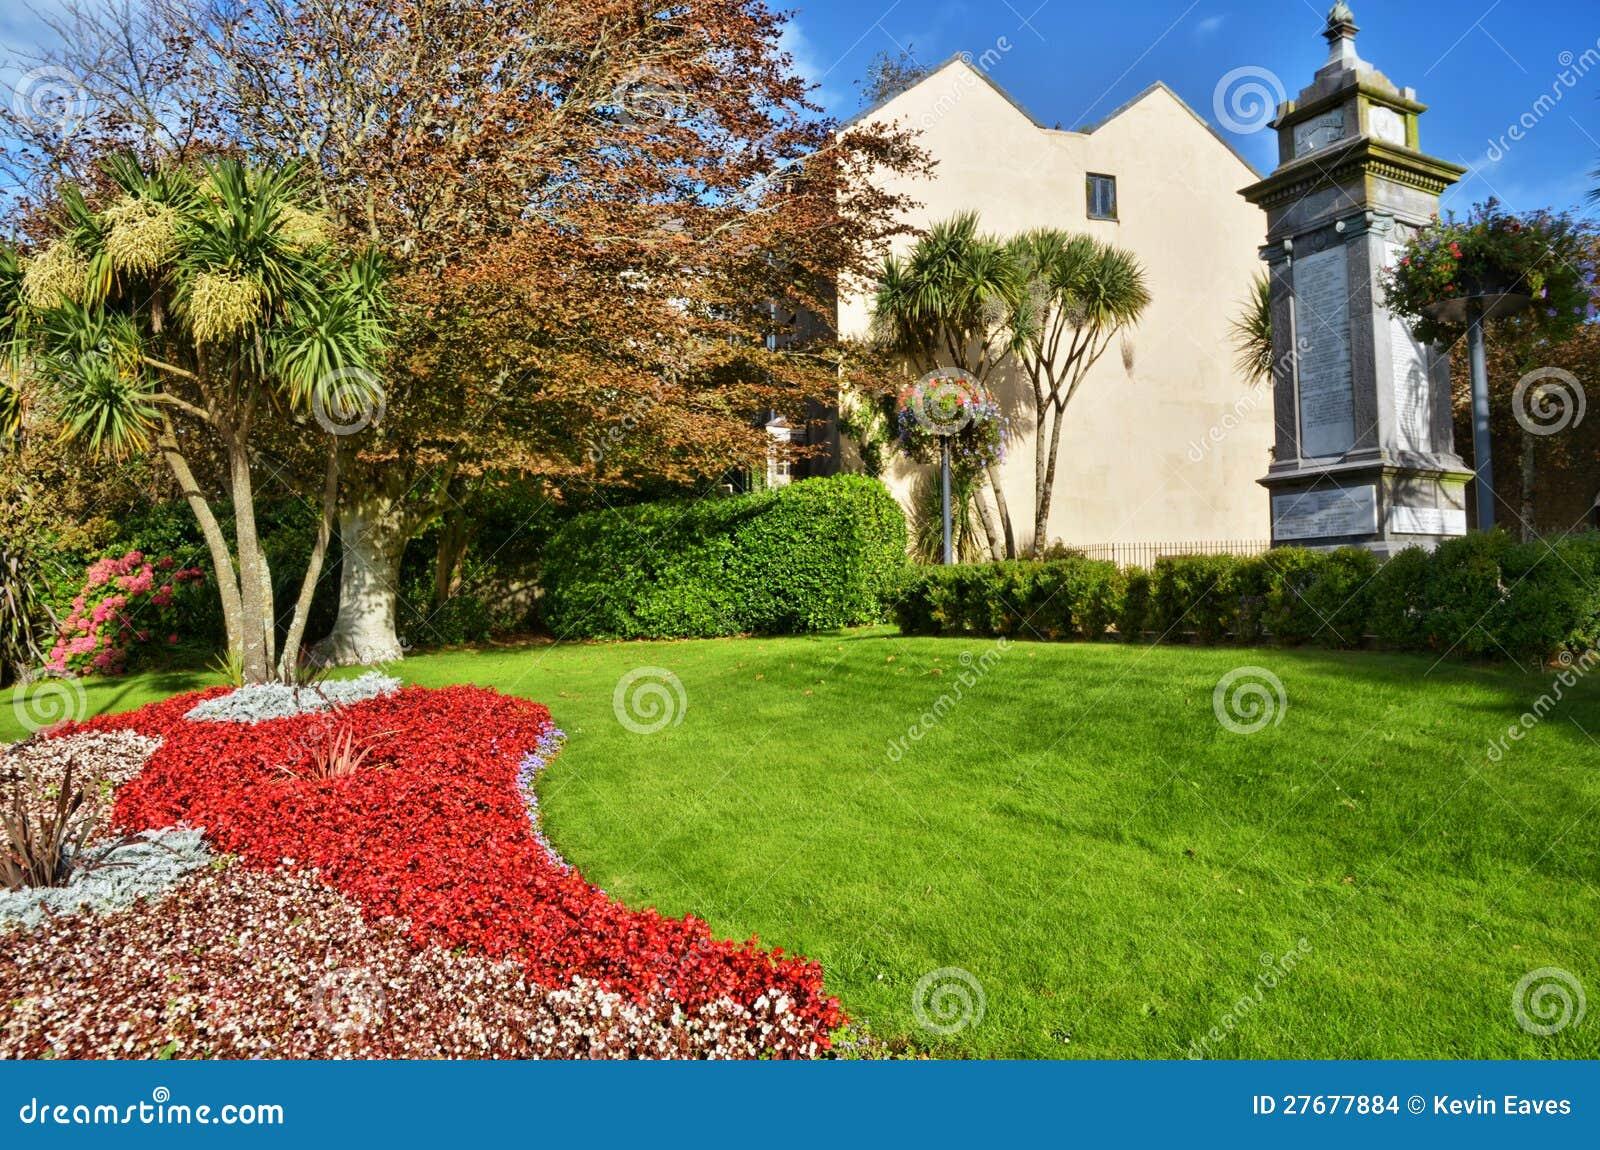 flores cidade jardim:Jardim Decorativo Na Cidade De Tenby, Wales. Imagens de Stock – Imagem